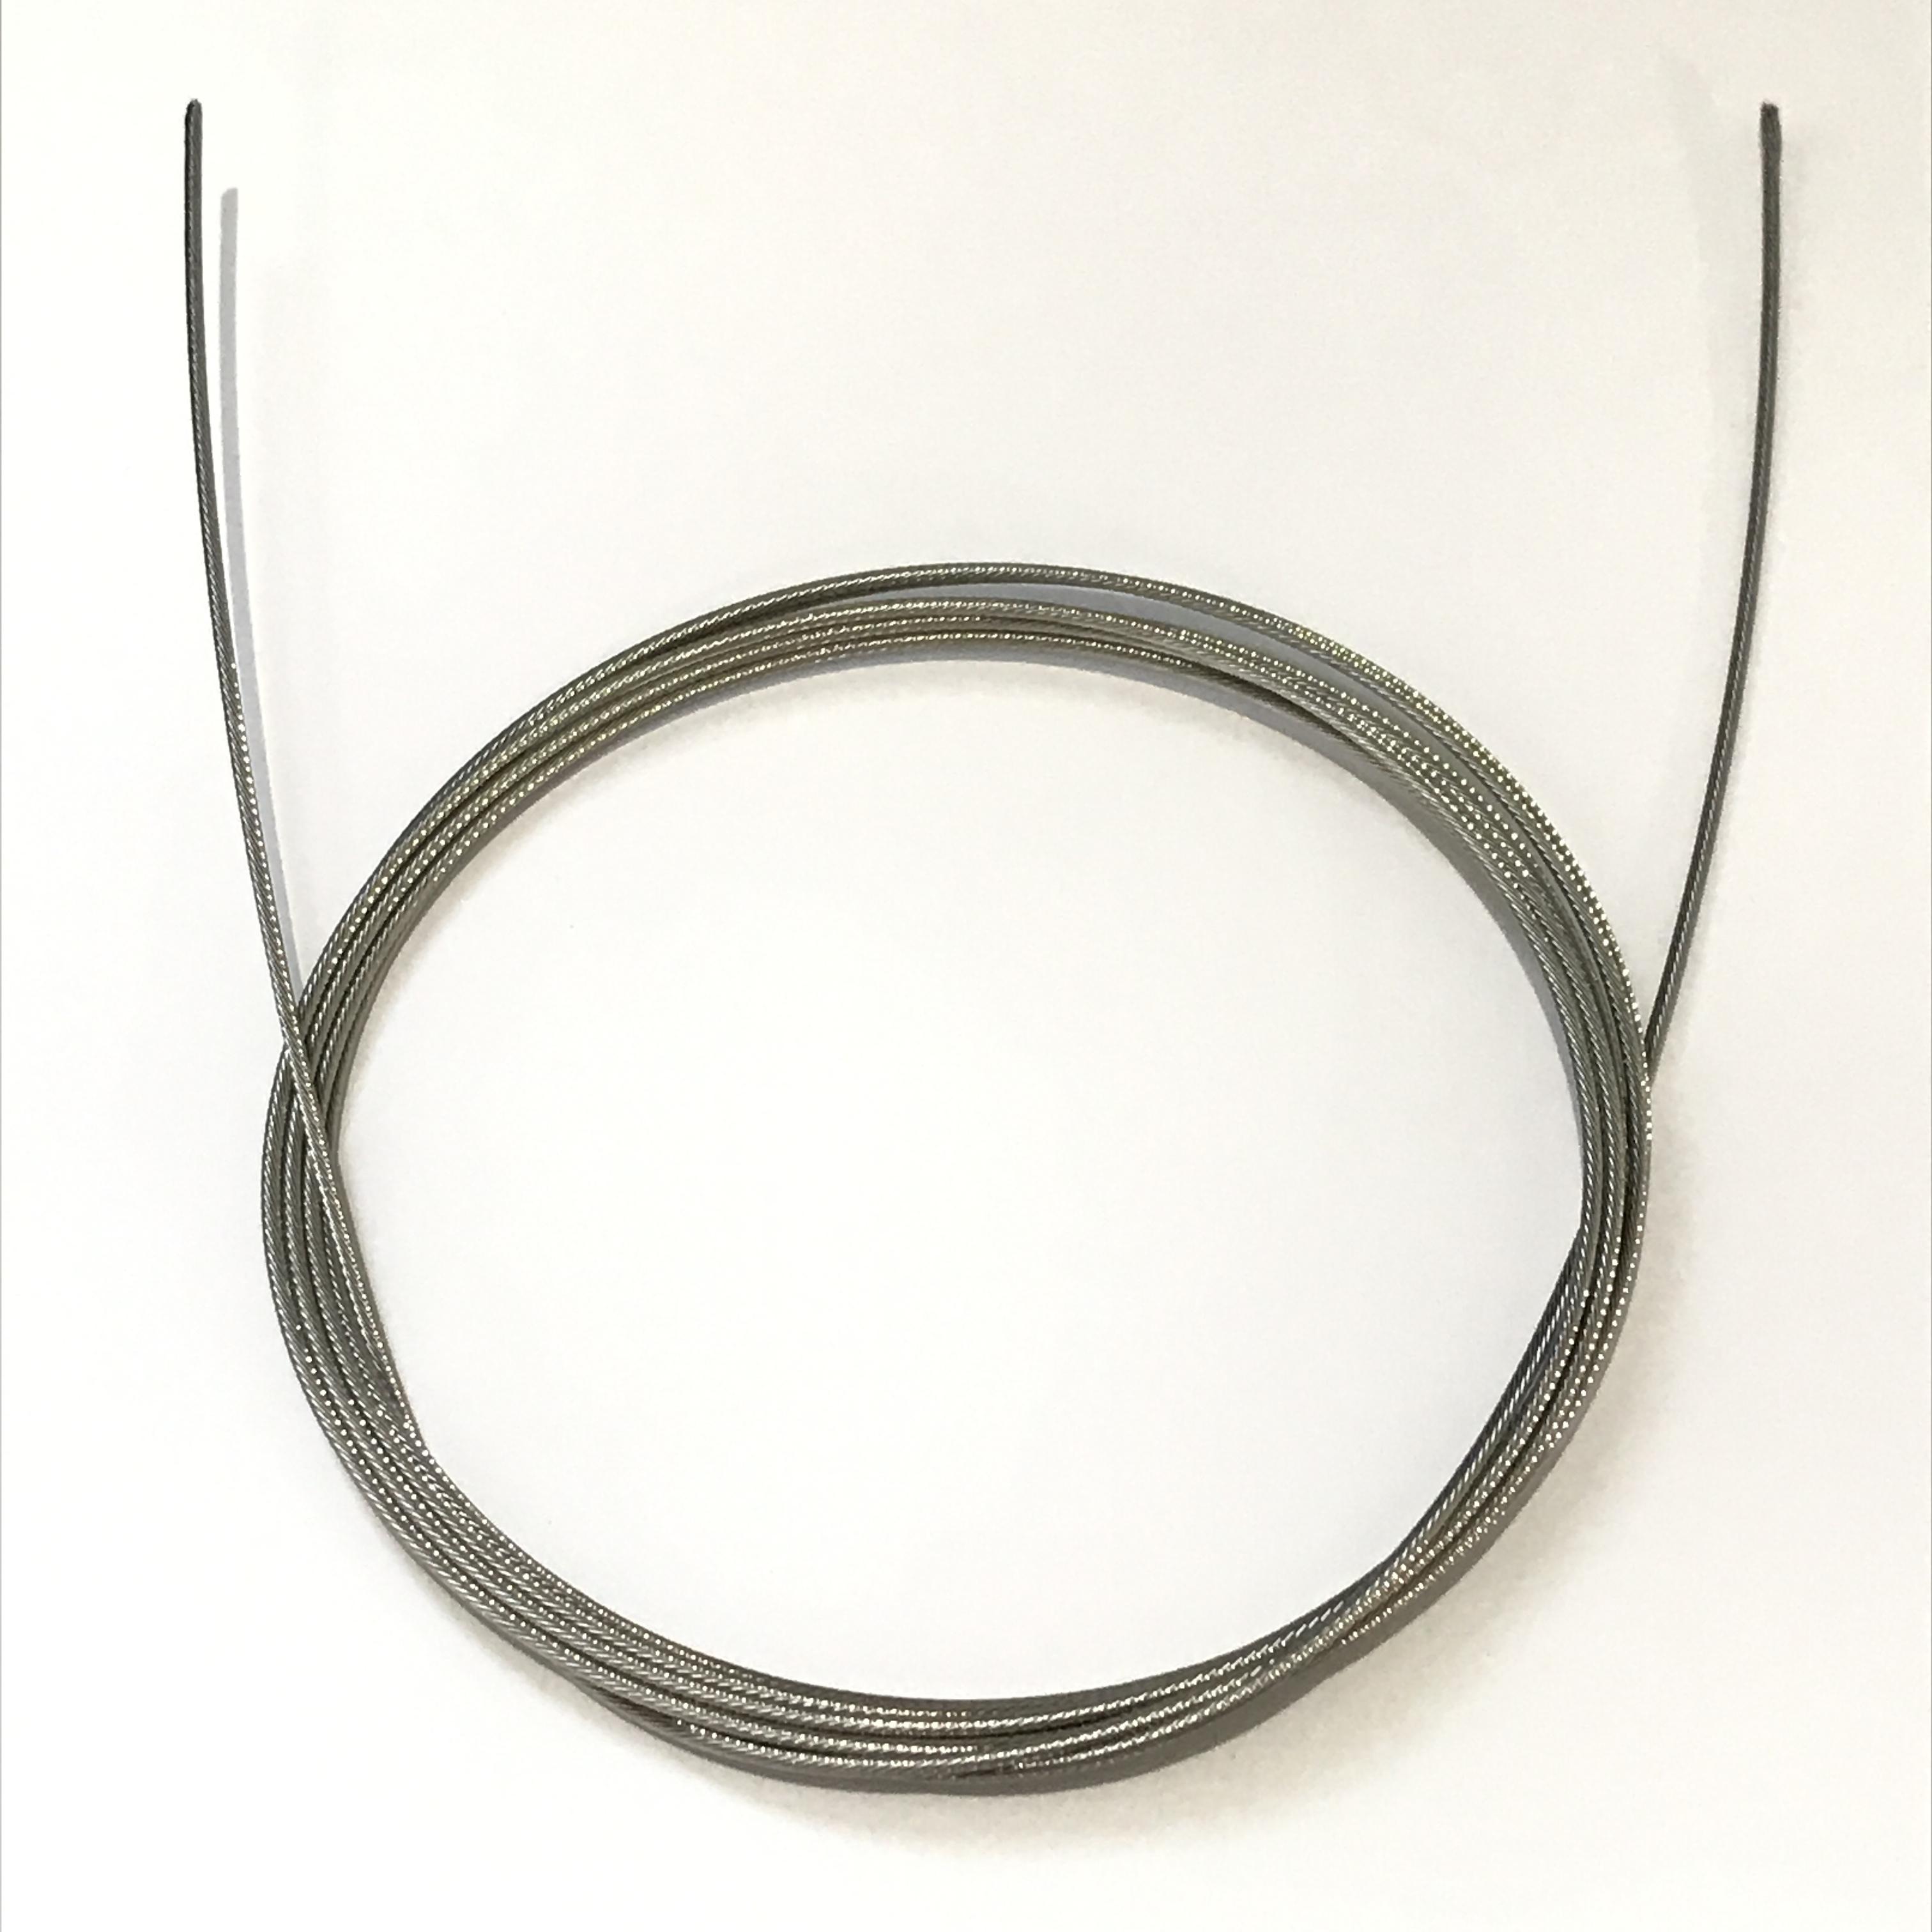 【限定販売】1.6mm 交換用ワイヤーロープ